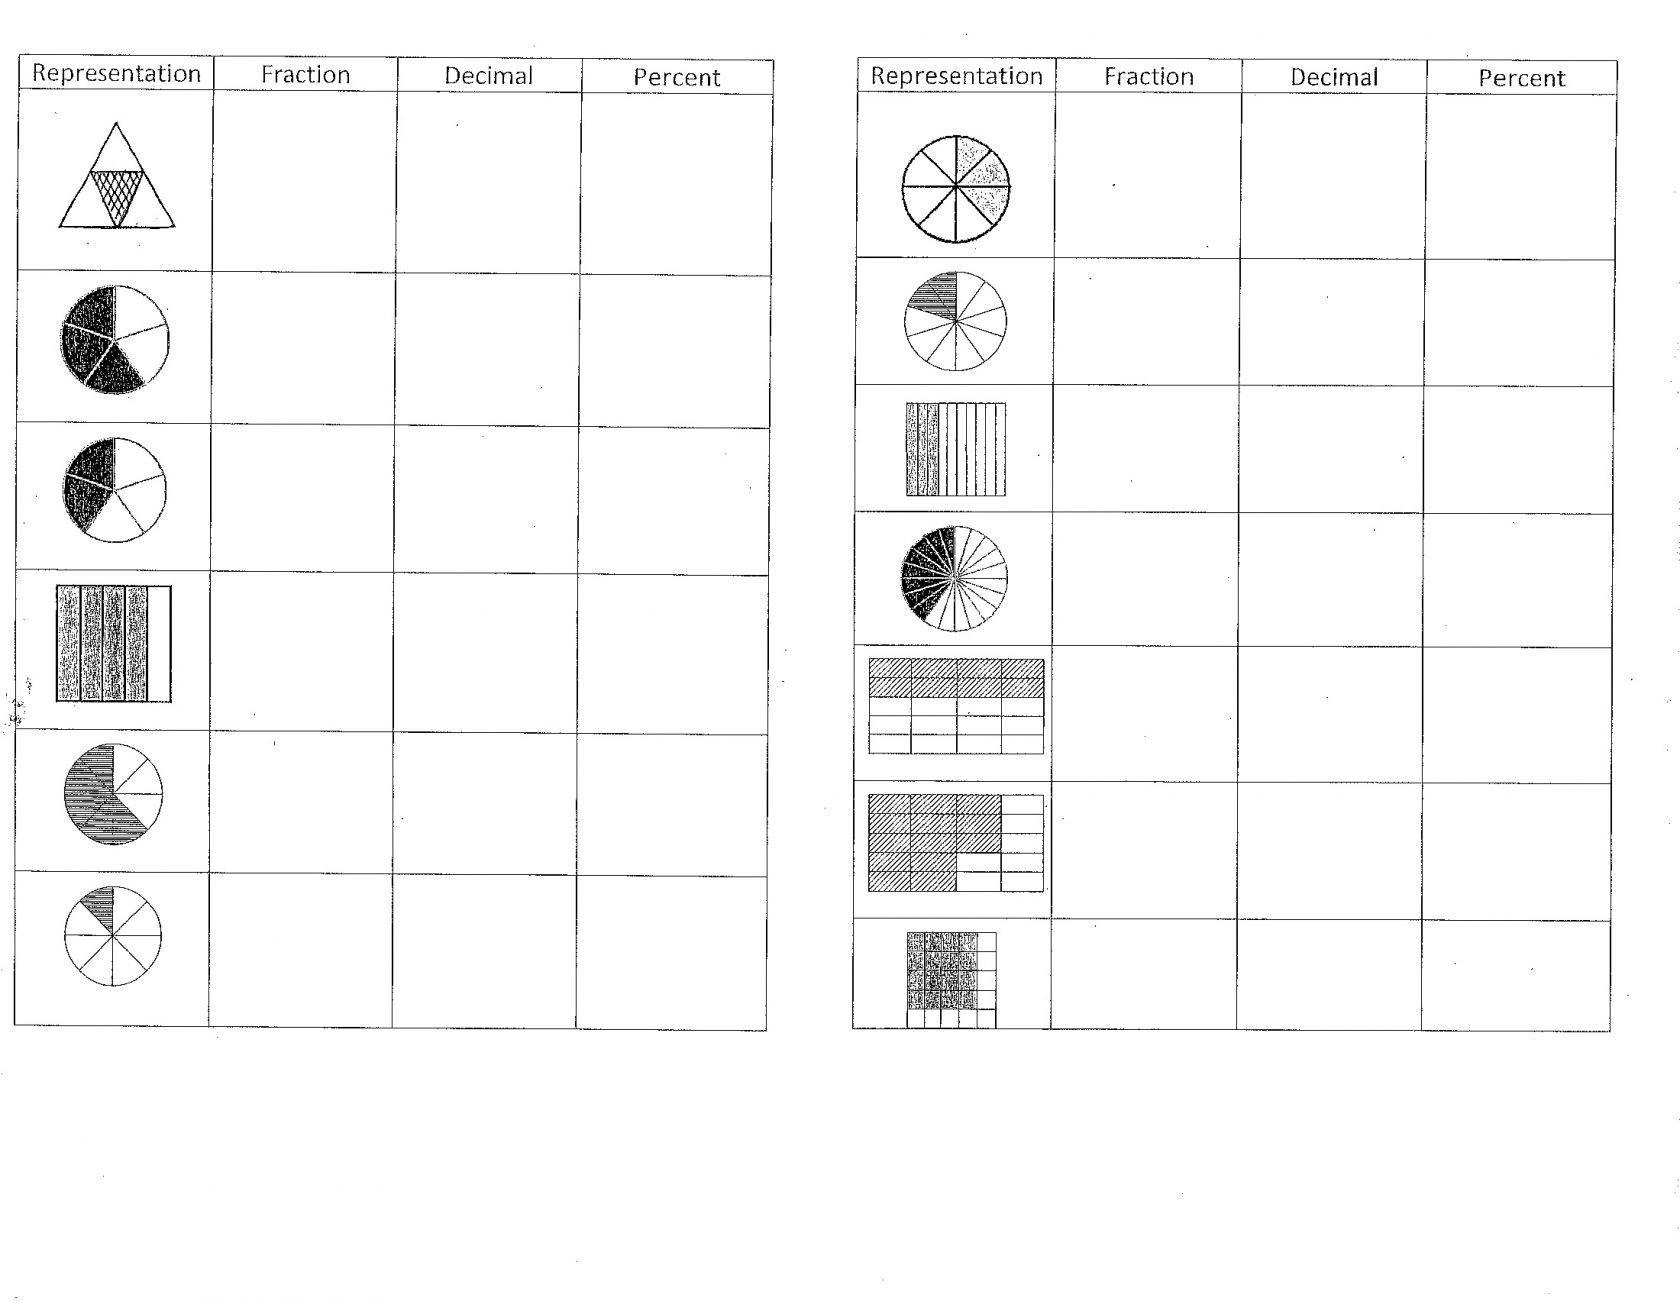 Dividing Decimals By Decimals Worksheet